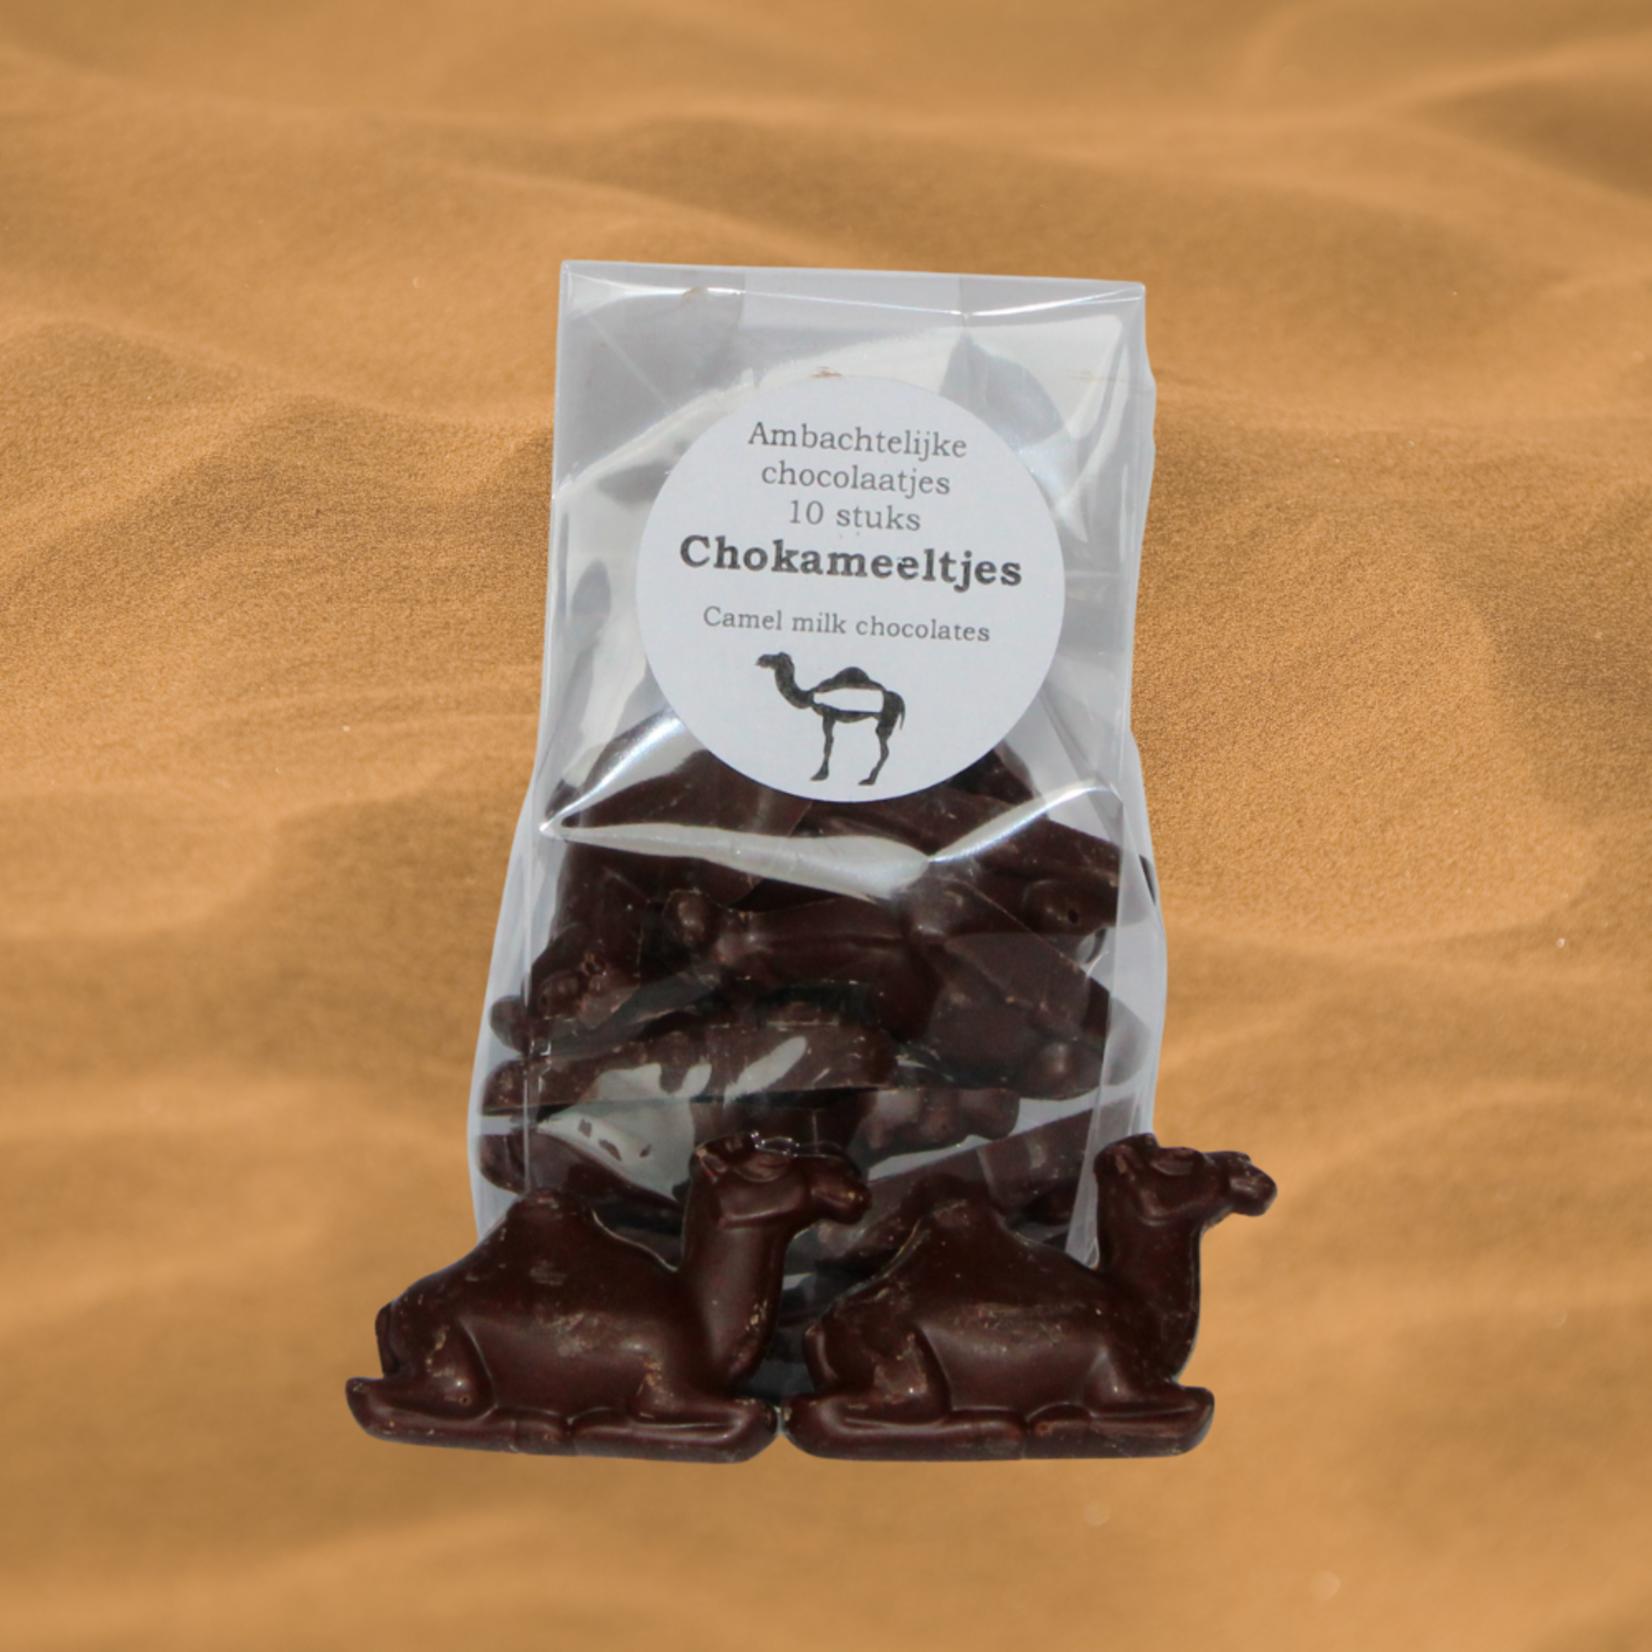 Dutch Oasis ChoKameeltjes - Chocolaatjes gemaakt met kamelenmelk, in de vorm van een kameel